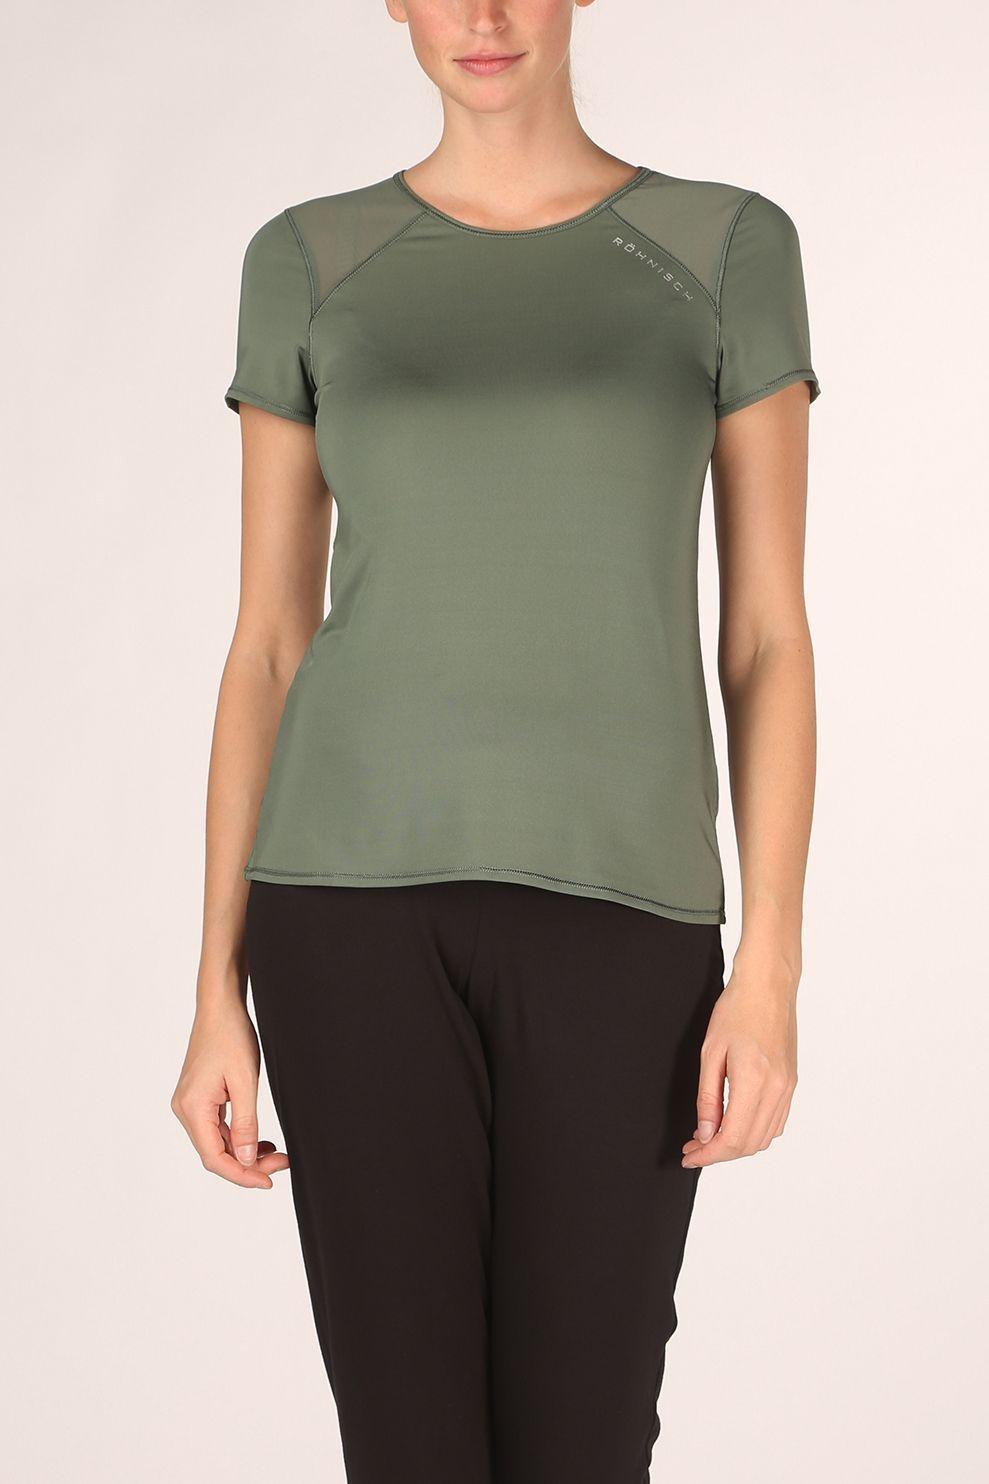 Röhnisch T-Shirt Asta Mesh Tee voor dames - Groen - Maat: L